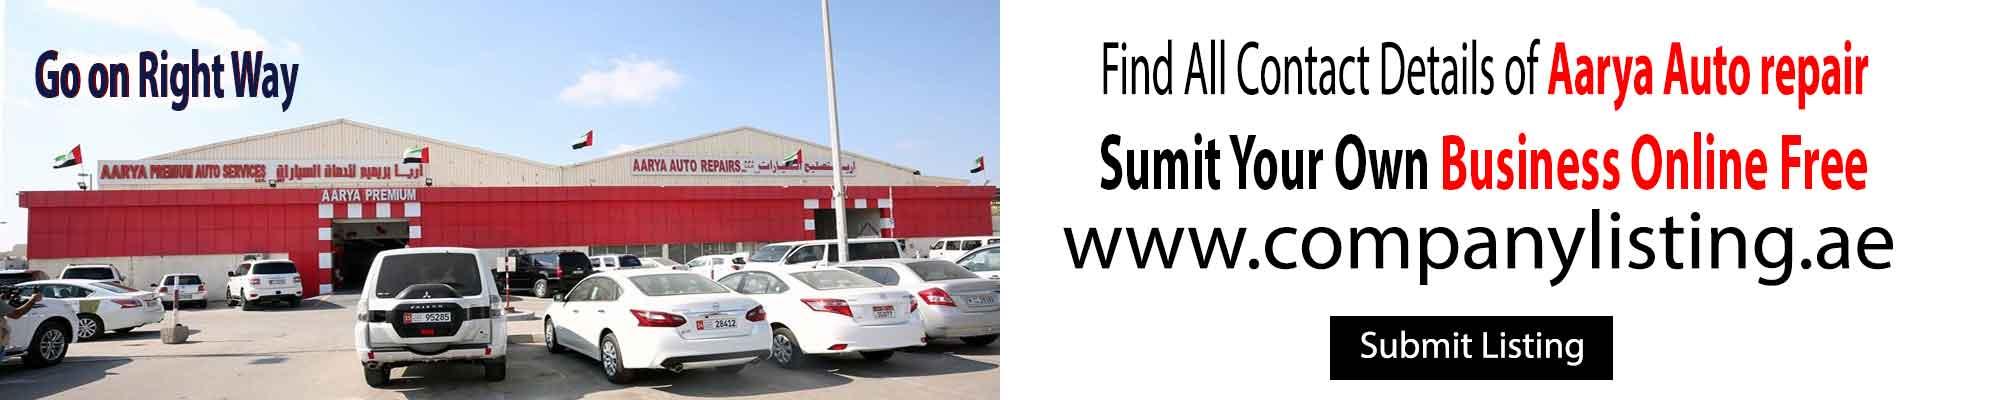 aarya auto repairs,aarya auto repair body shop,Aarya Auto repair dubai,aarya auto al quoz,